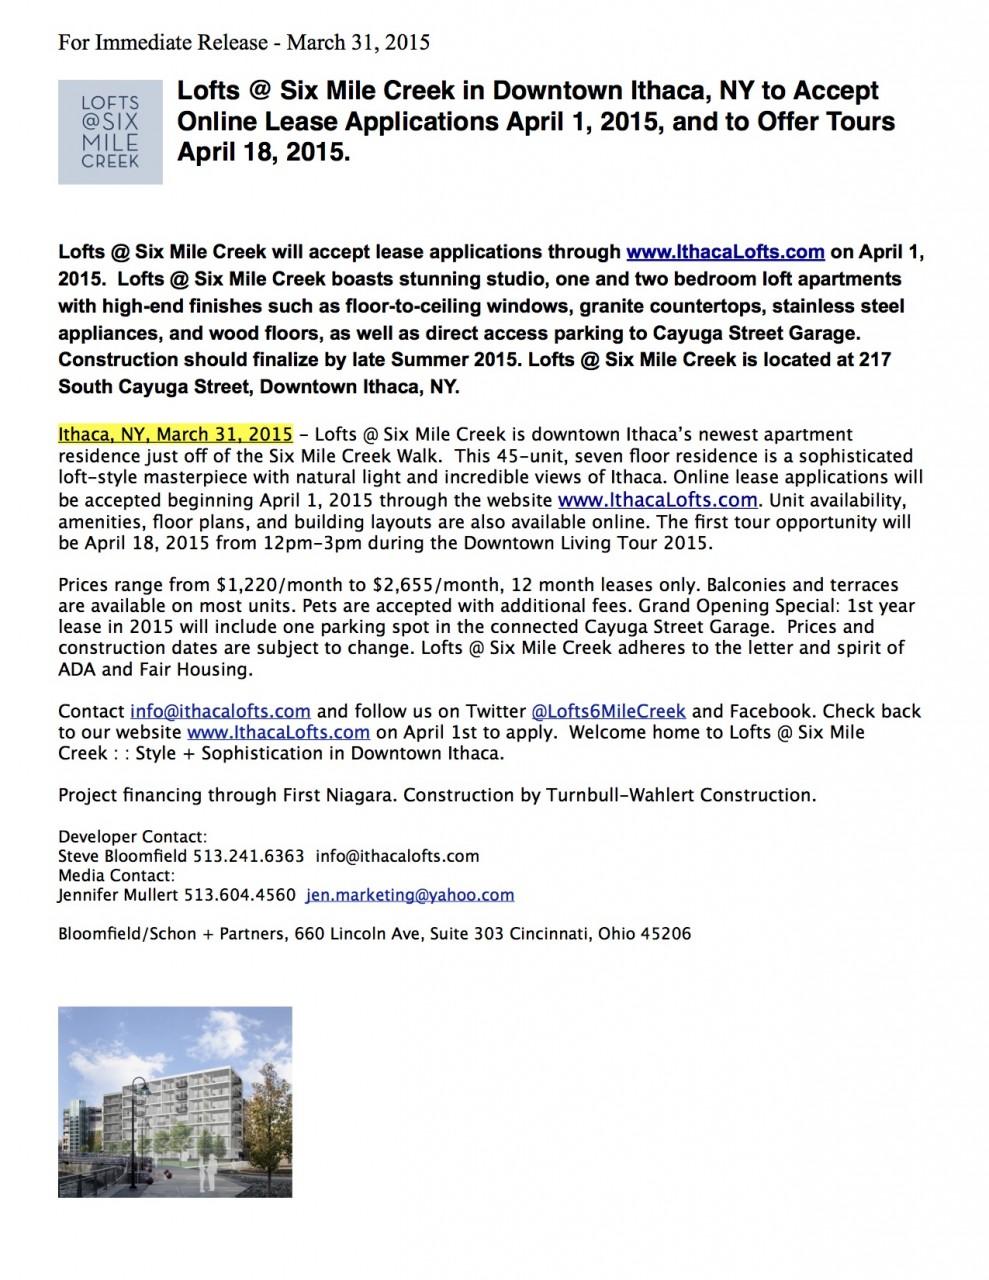 Press Release March 31 2015 Final - Online Leasing